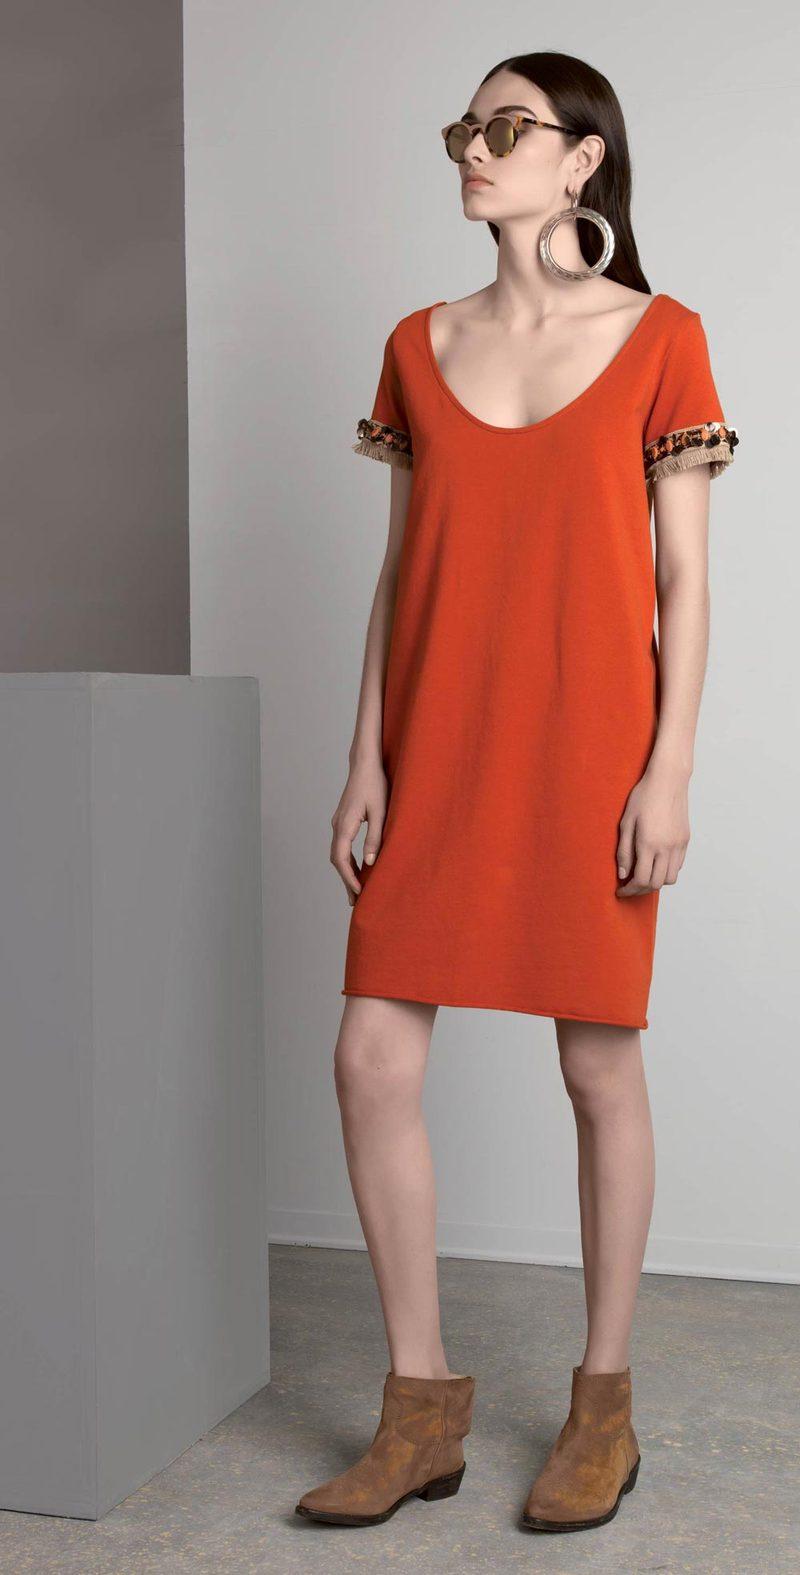 Pumpkin dress with applications